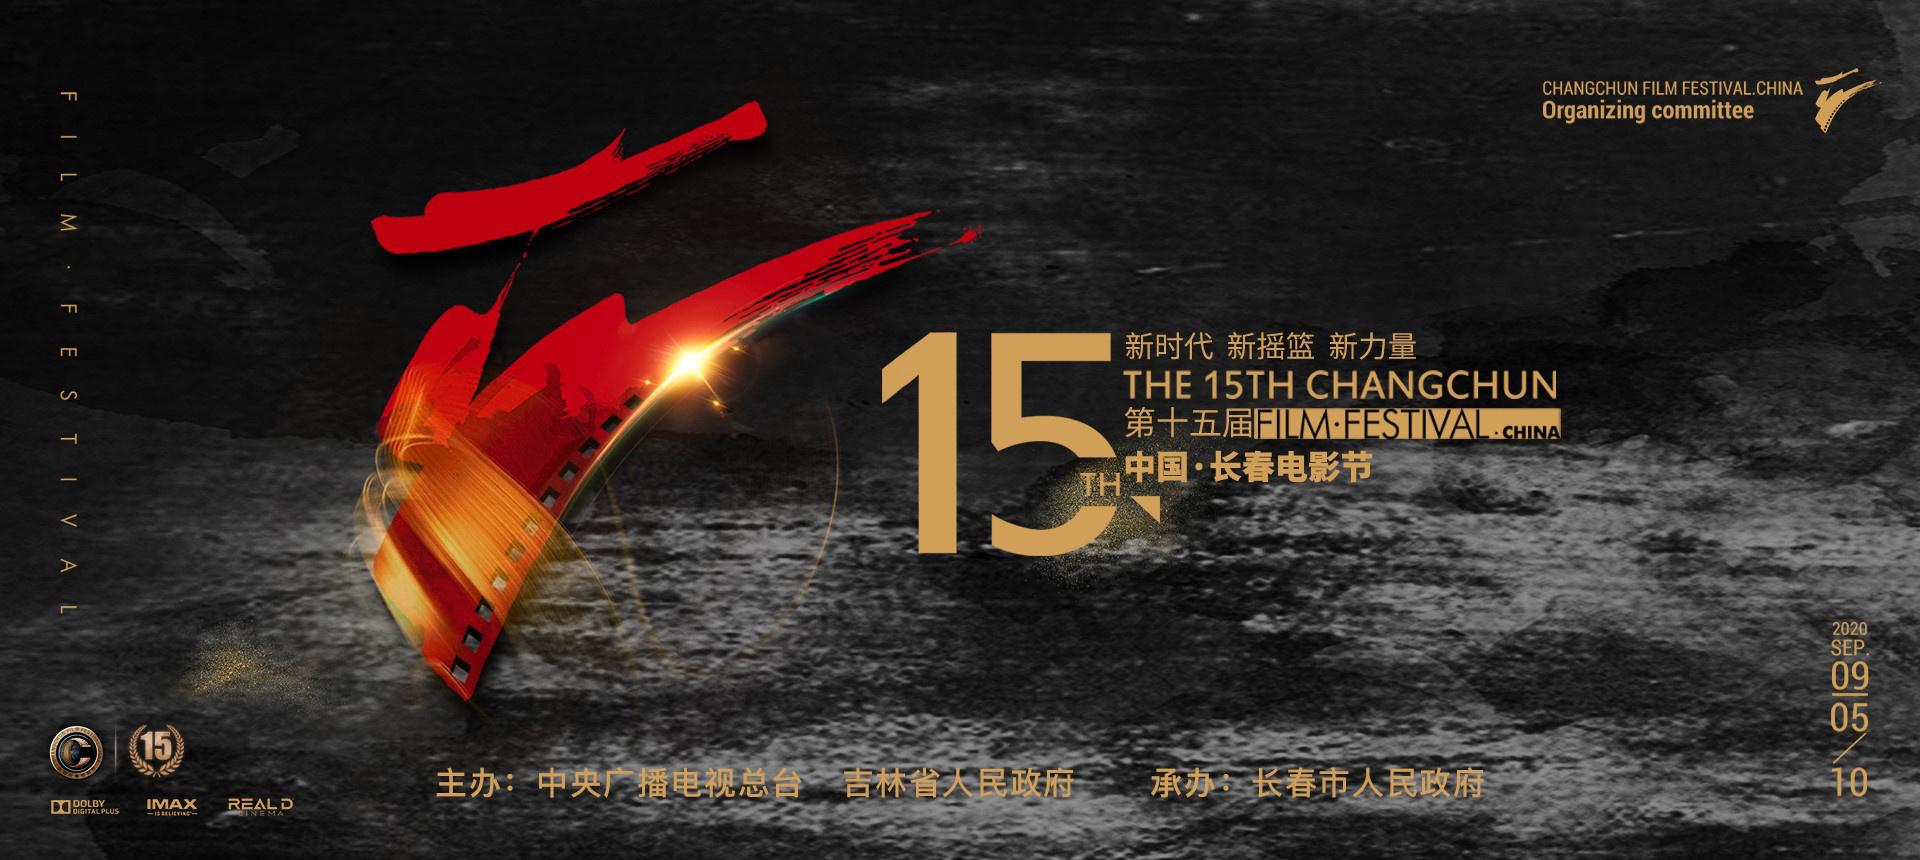 长春电影节展映单元公布 百余部中外佳片齐聚春城